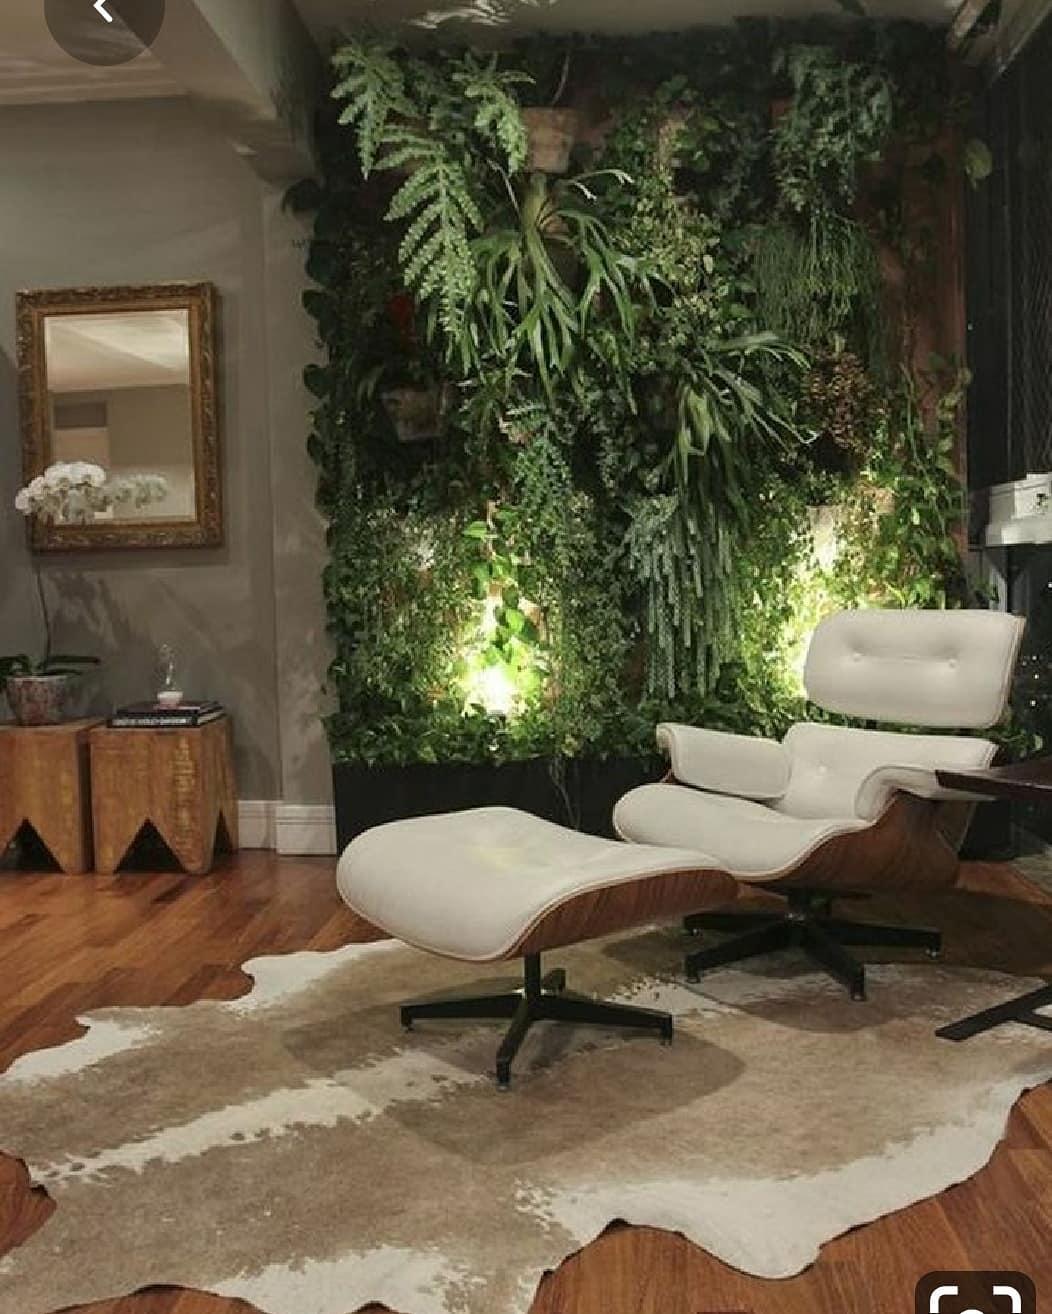 Diseños de jardines para interiores vertical